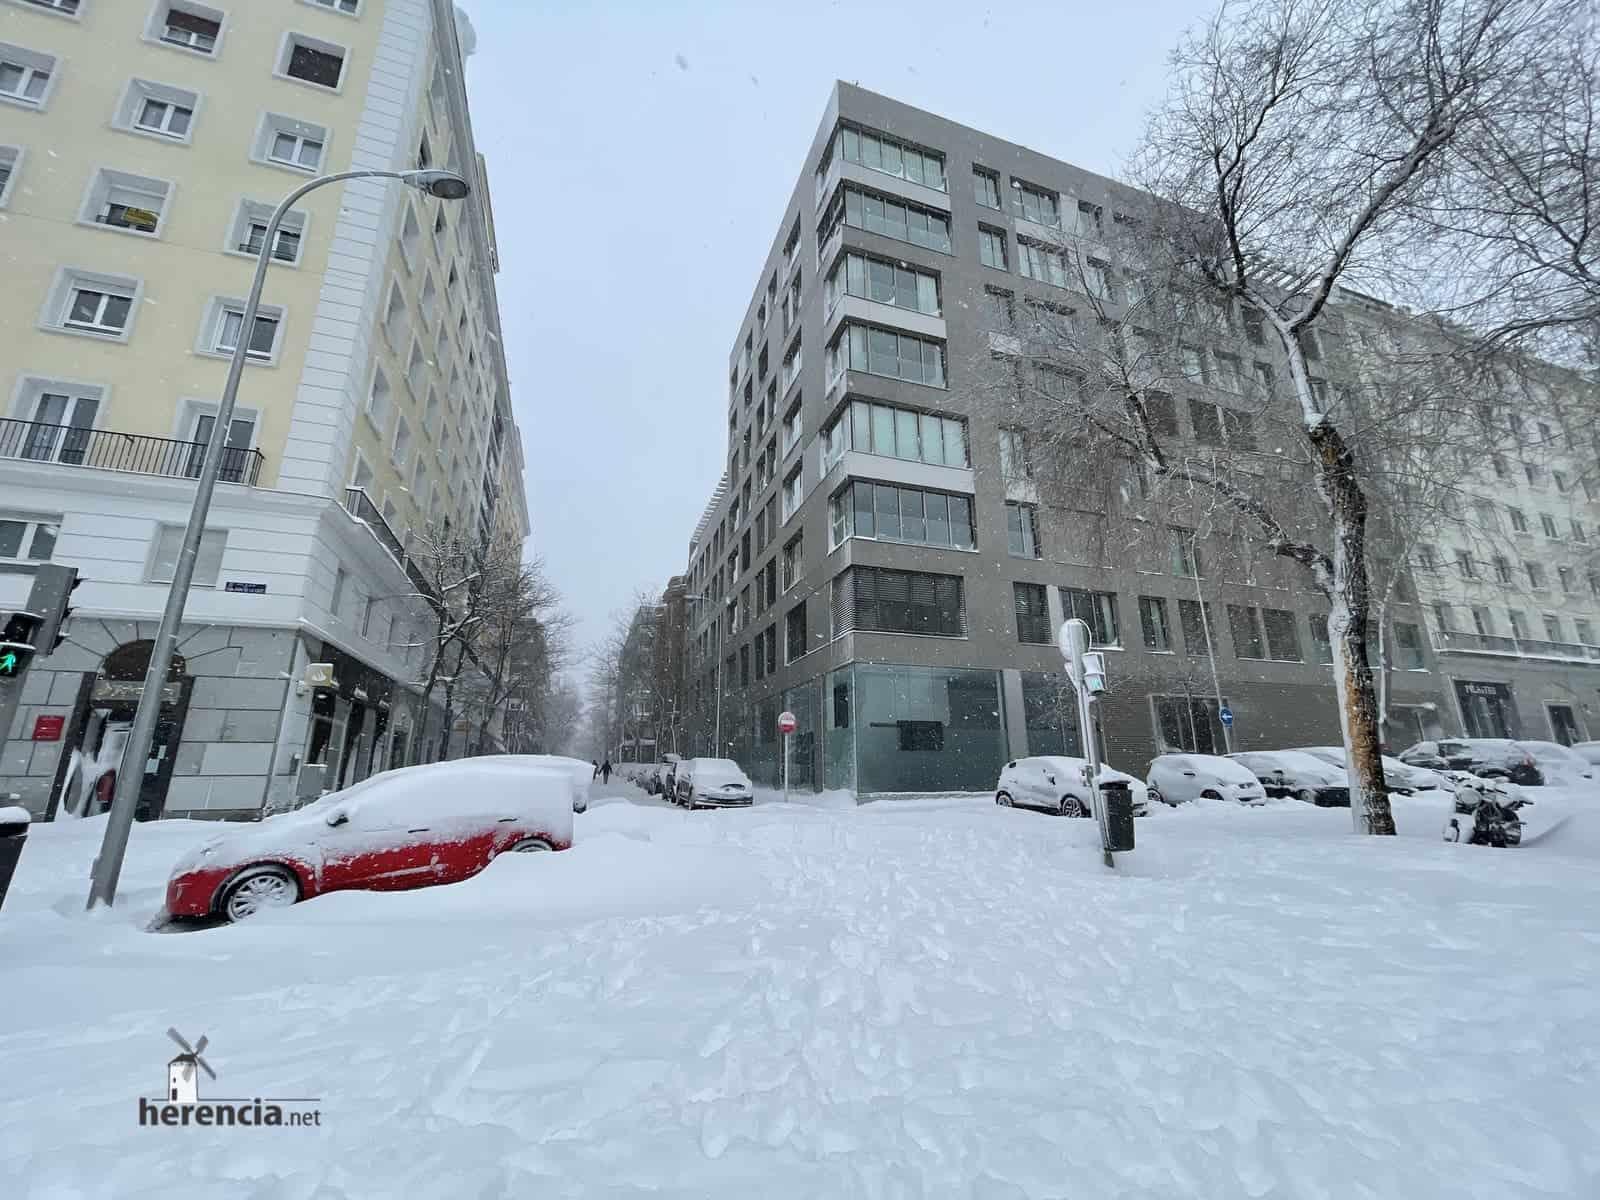 Fotografías de la nevada de enero en Madrid (España) 230